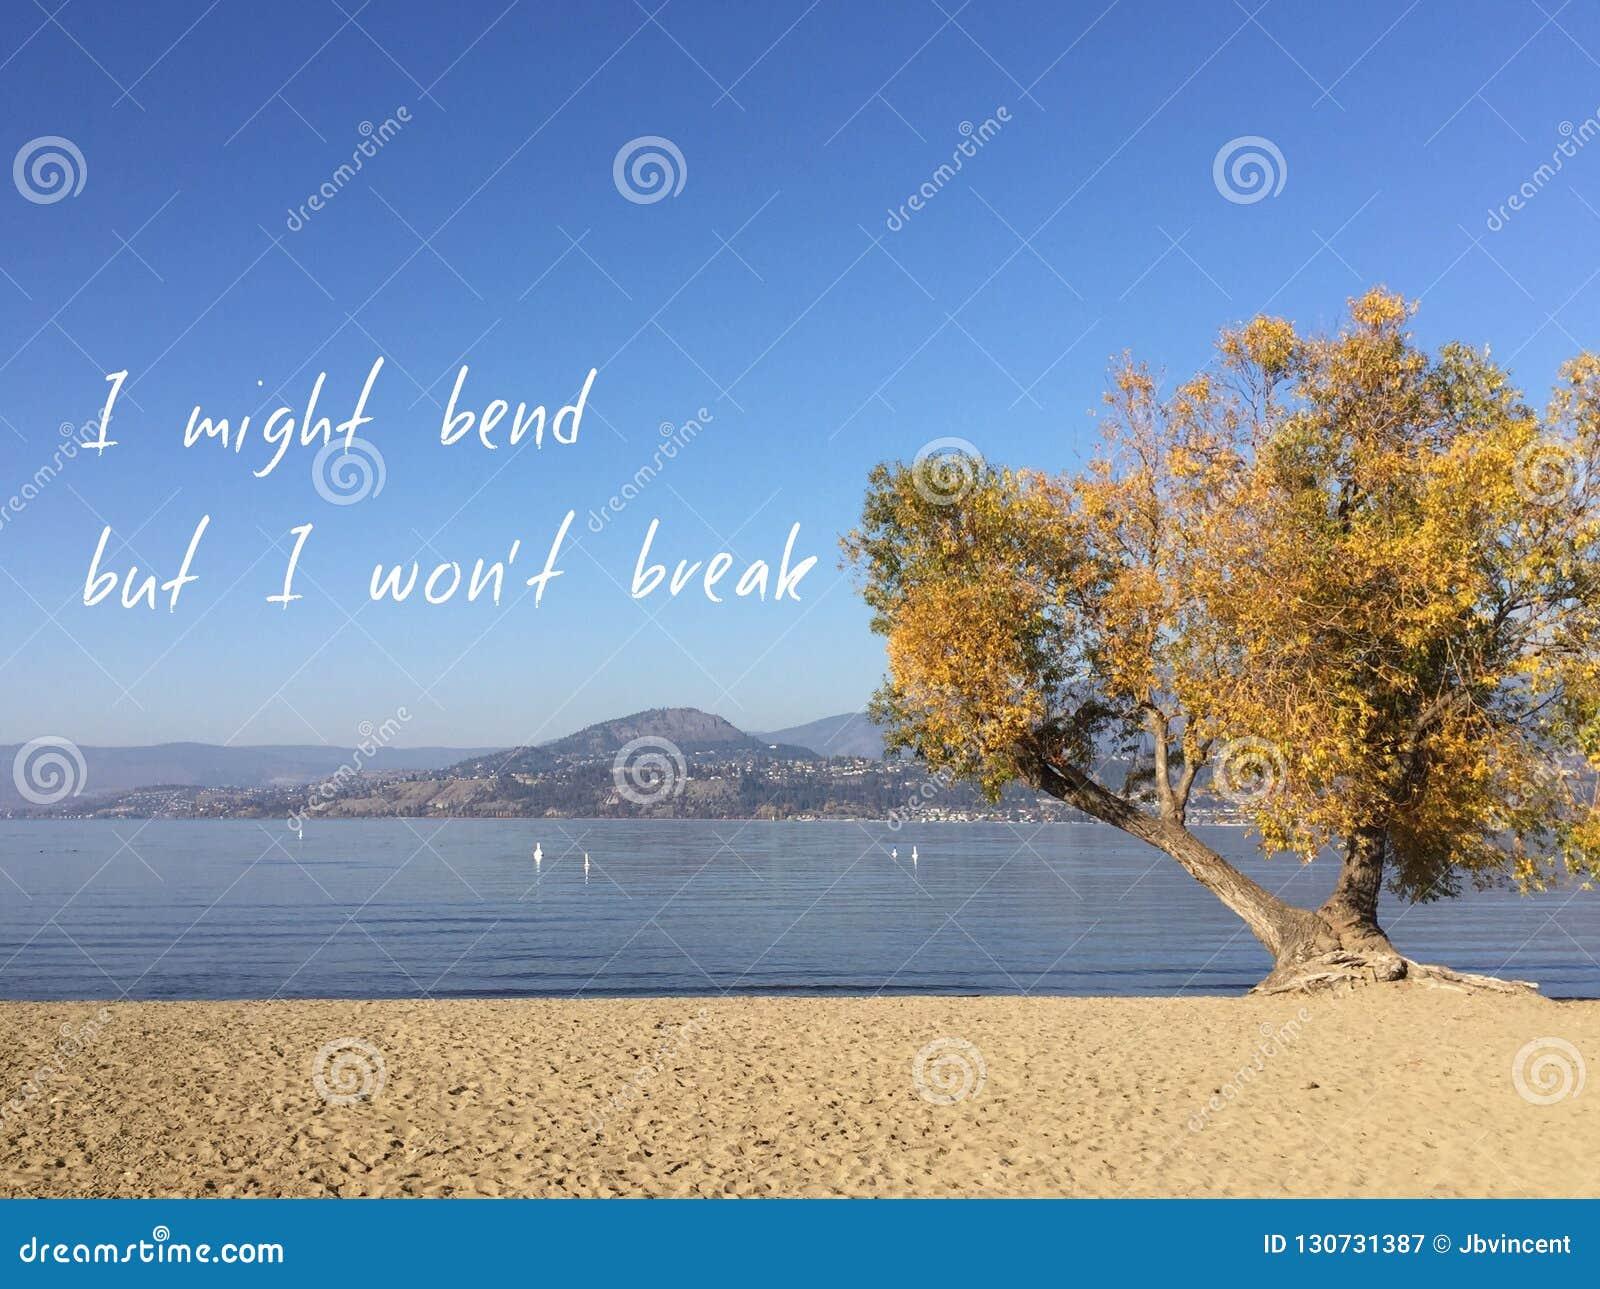 Εμπνευσμένο απόσπασμα στο φυσικό τοπίο λιμνών φθινοπώρου Να κάμψω αλλά δεν θα σπάσω